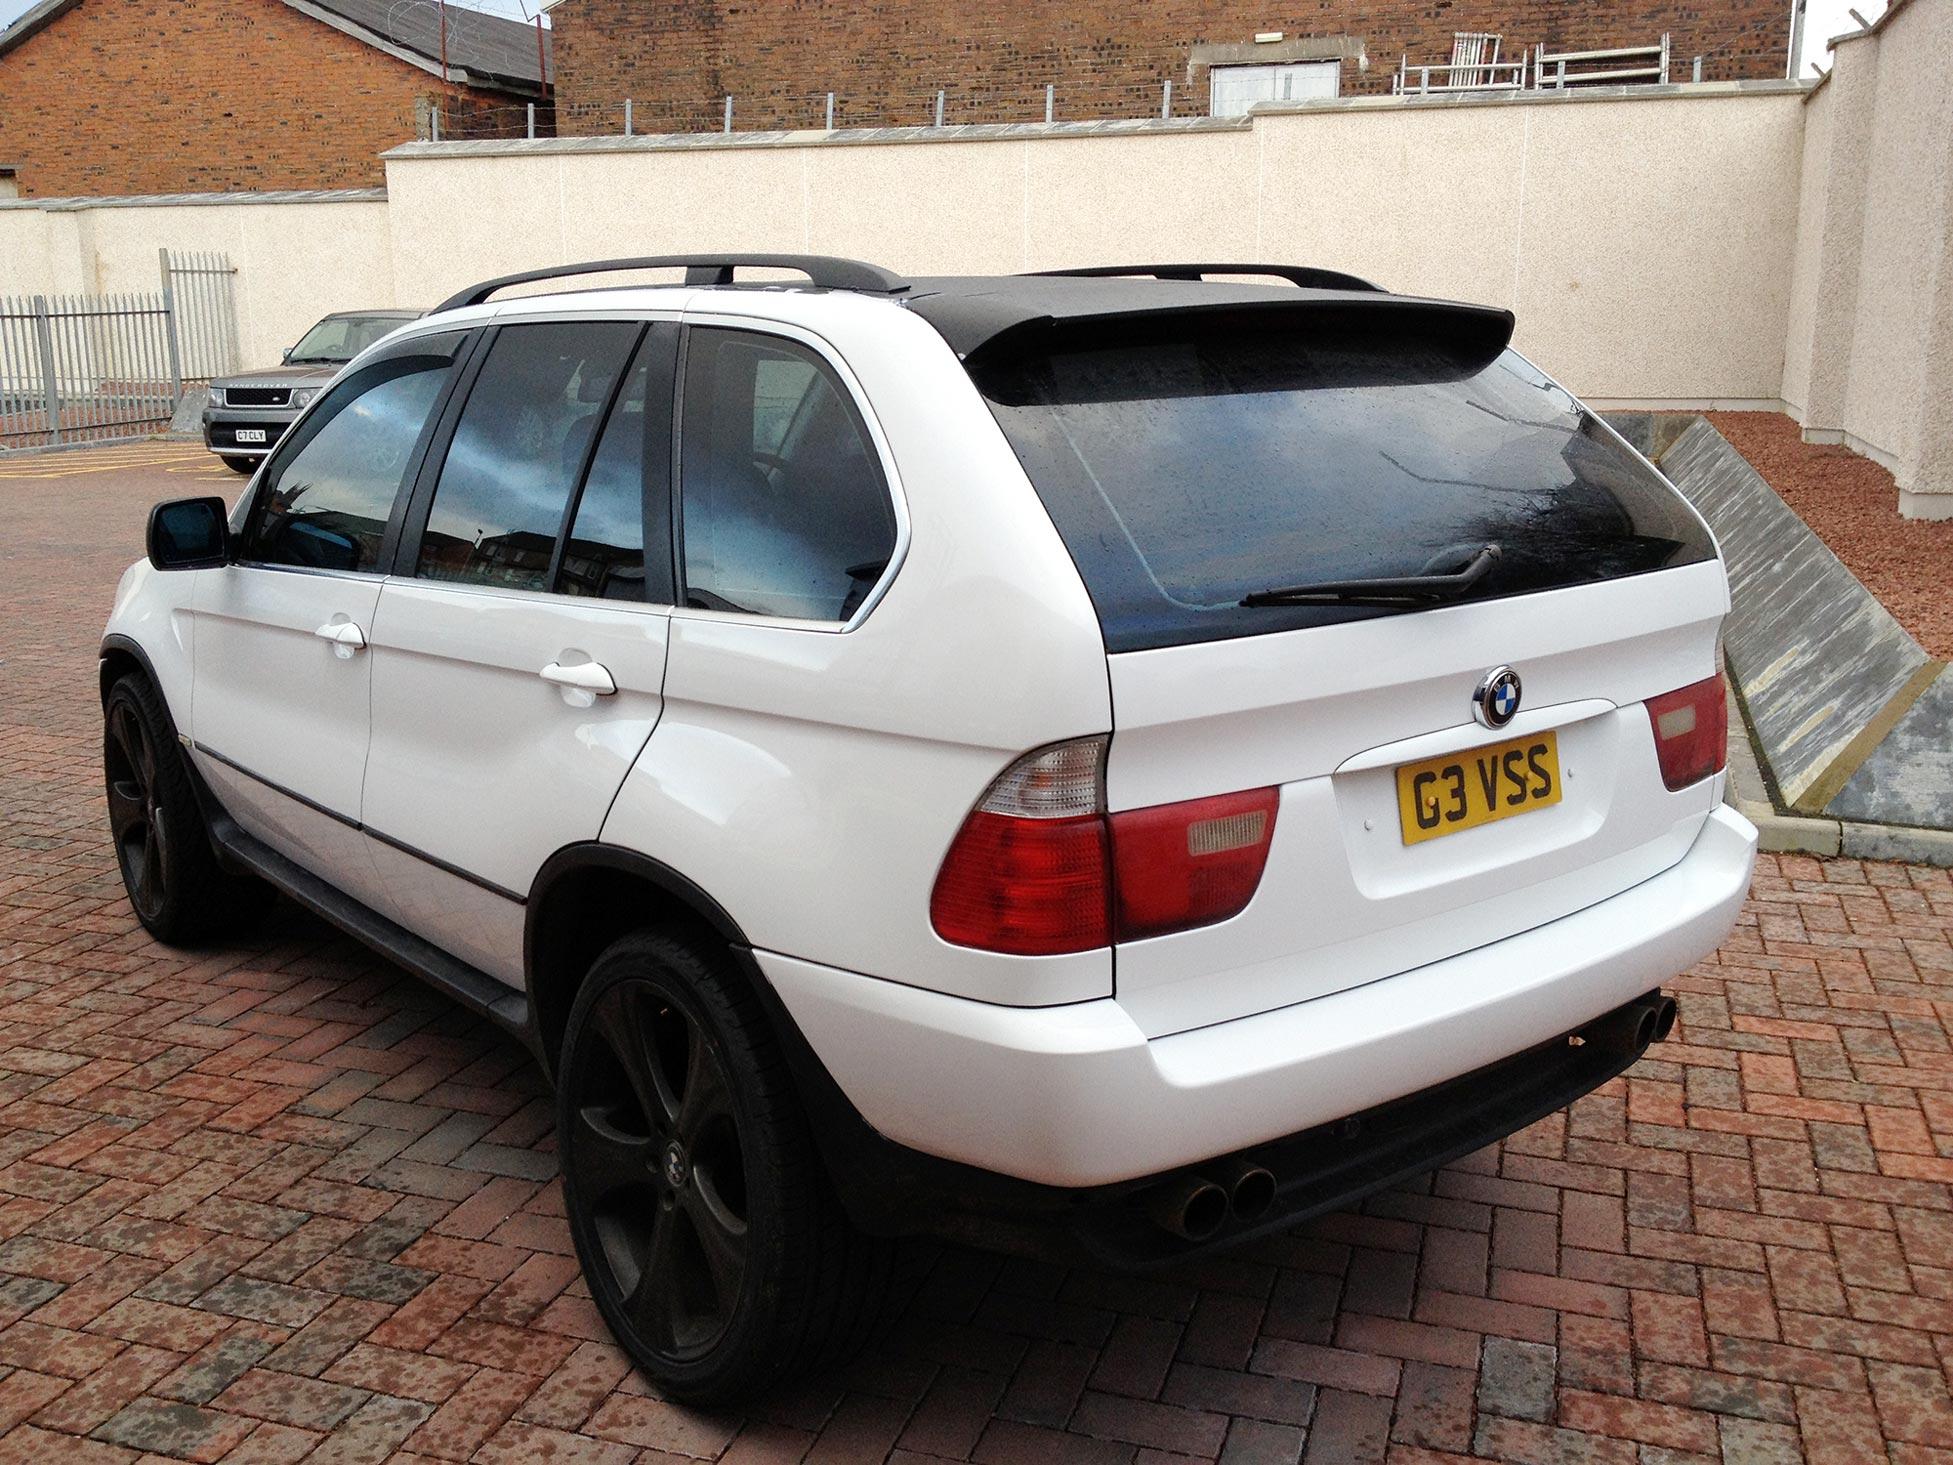 Gloss White Vinyl Wrap On BMW X5